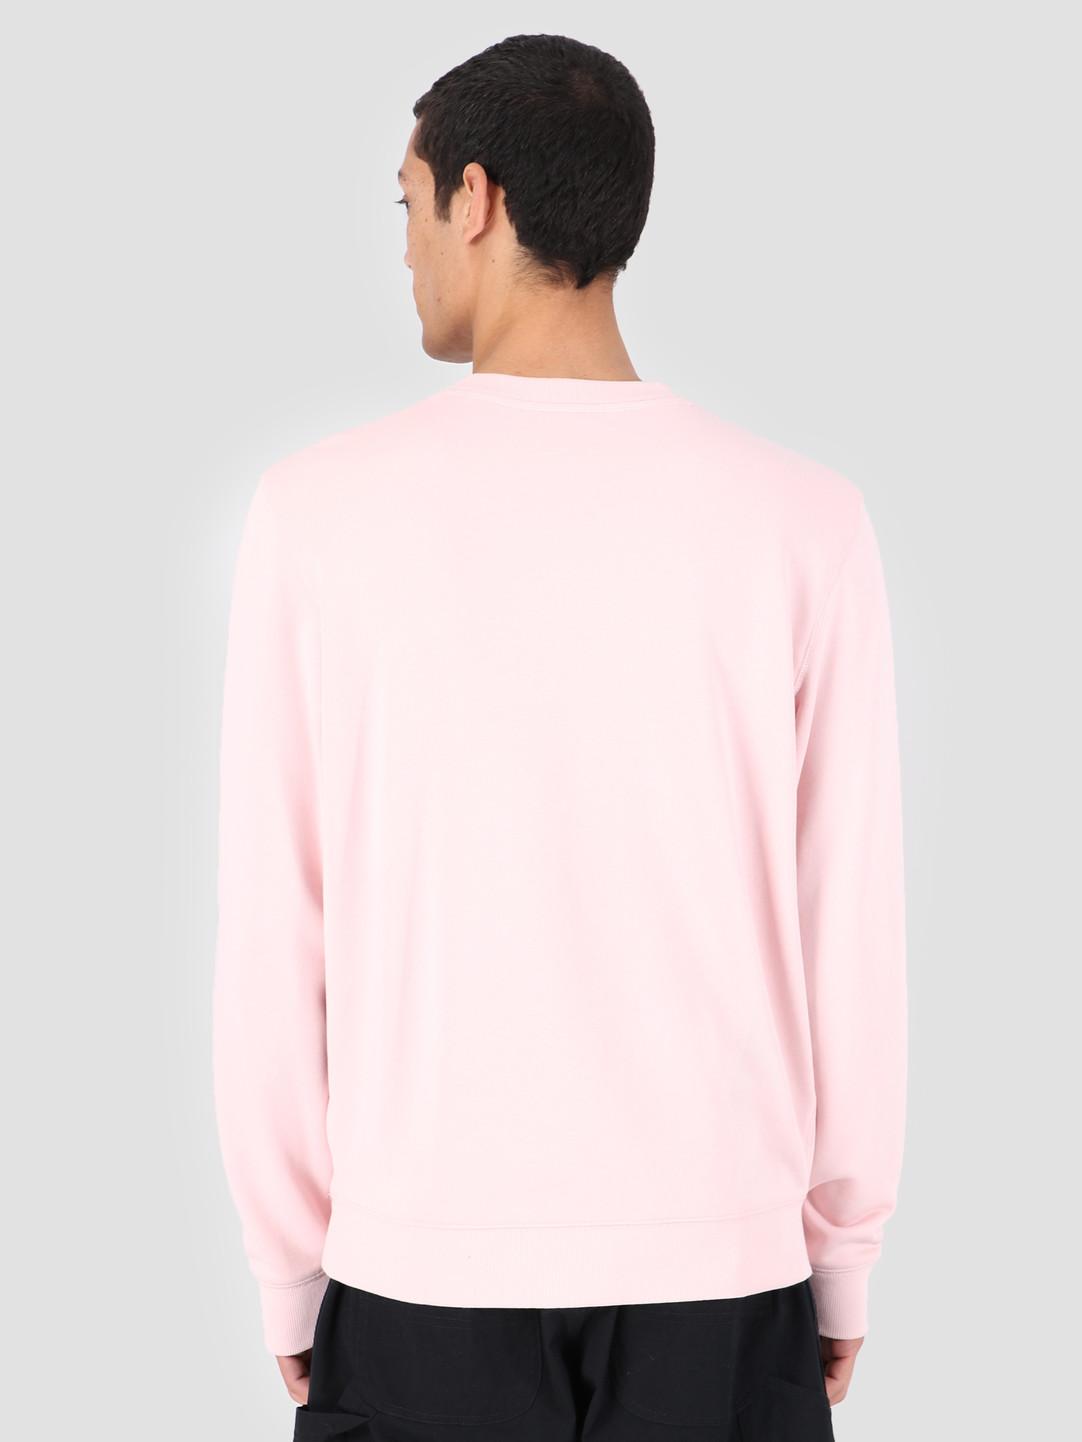 Lacoste Lacoste 1Hs1 Men'S Sweatshirt 03 Nidus Sh4375-91